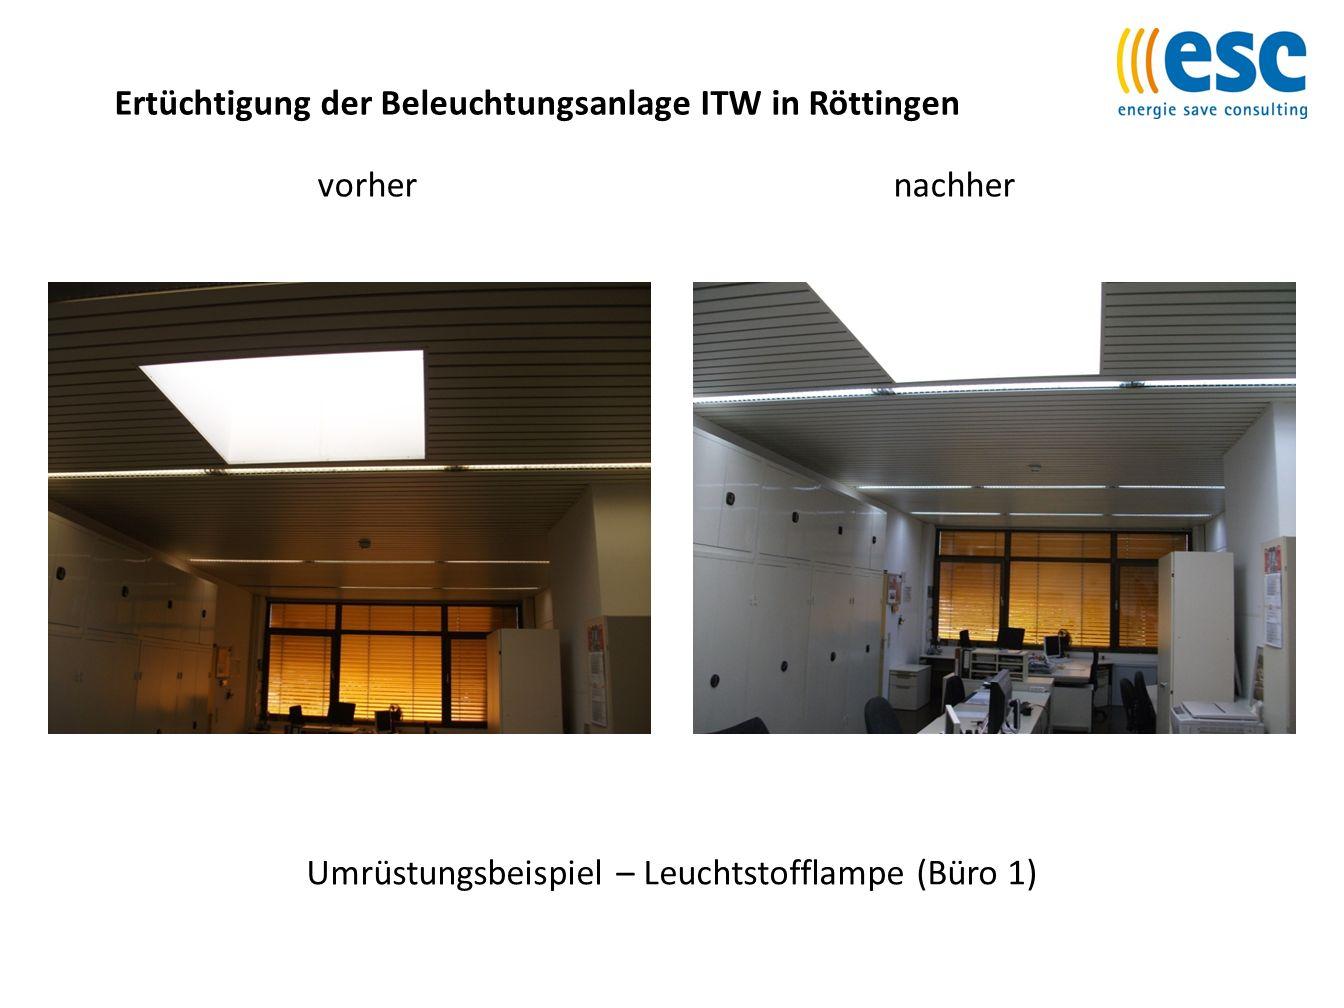 Ertüchtigung der Beleuchtungsanlage ITW in Röttingen Umrüstungsbeispiel – Leuchtstofflampe (Büro 1) vorhernachher